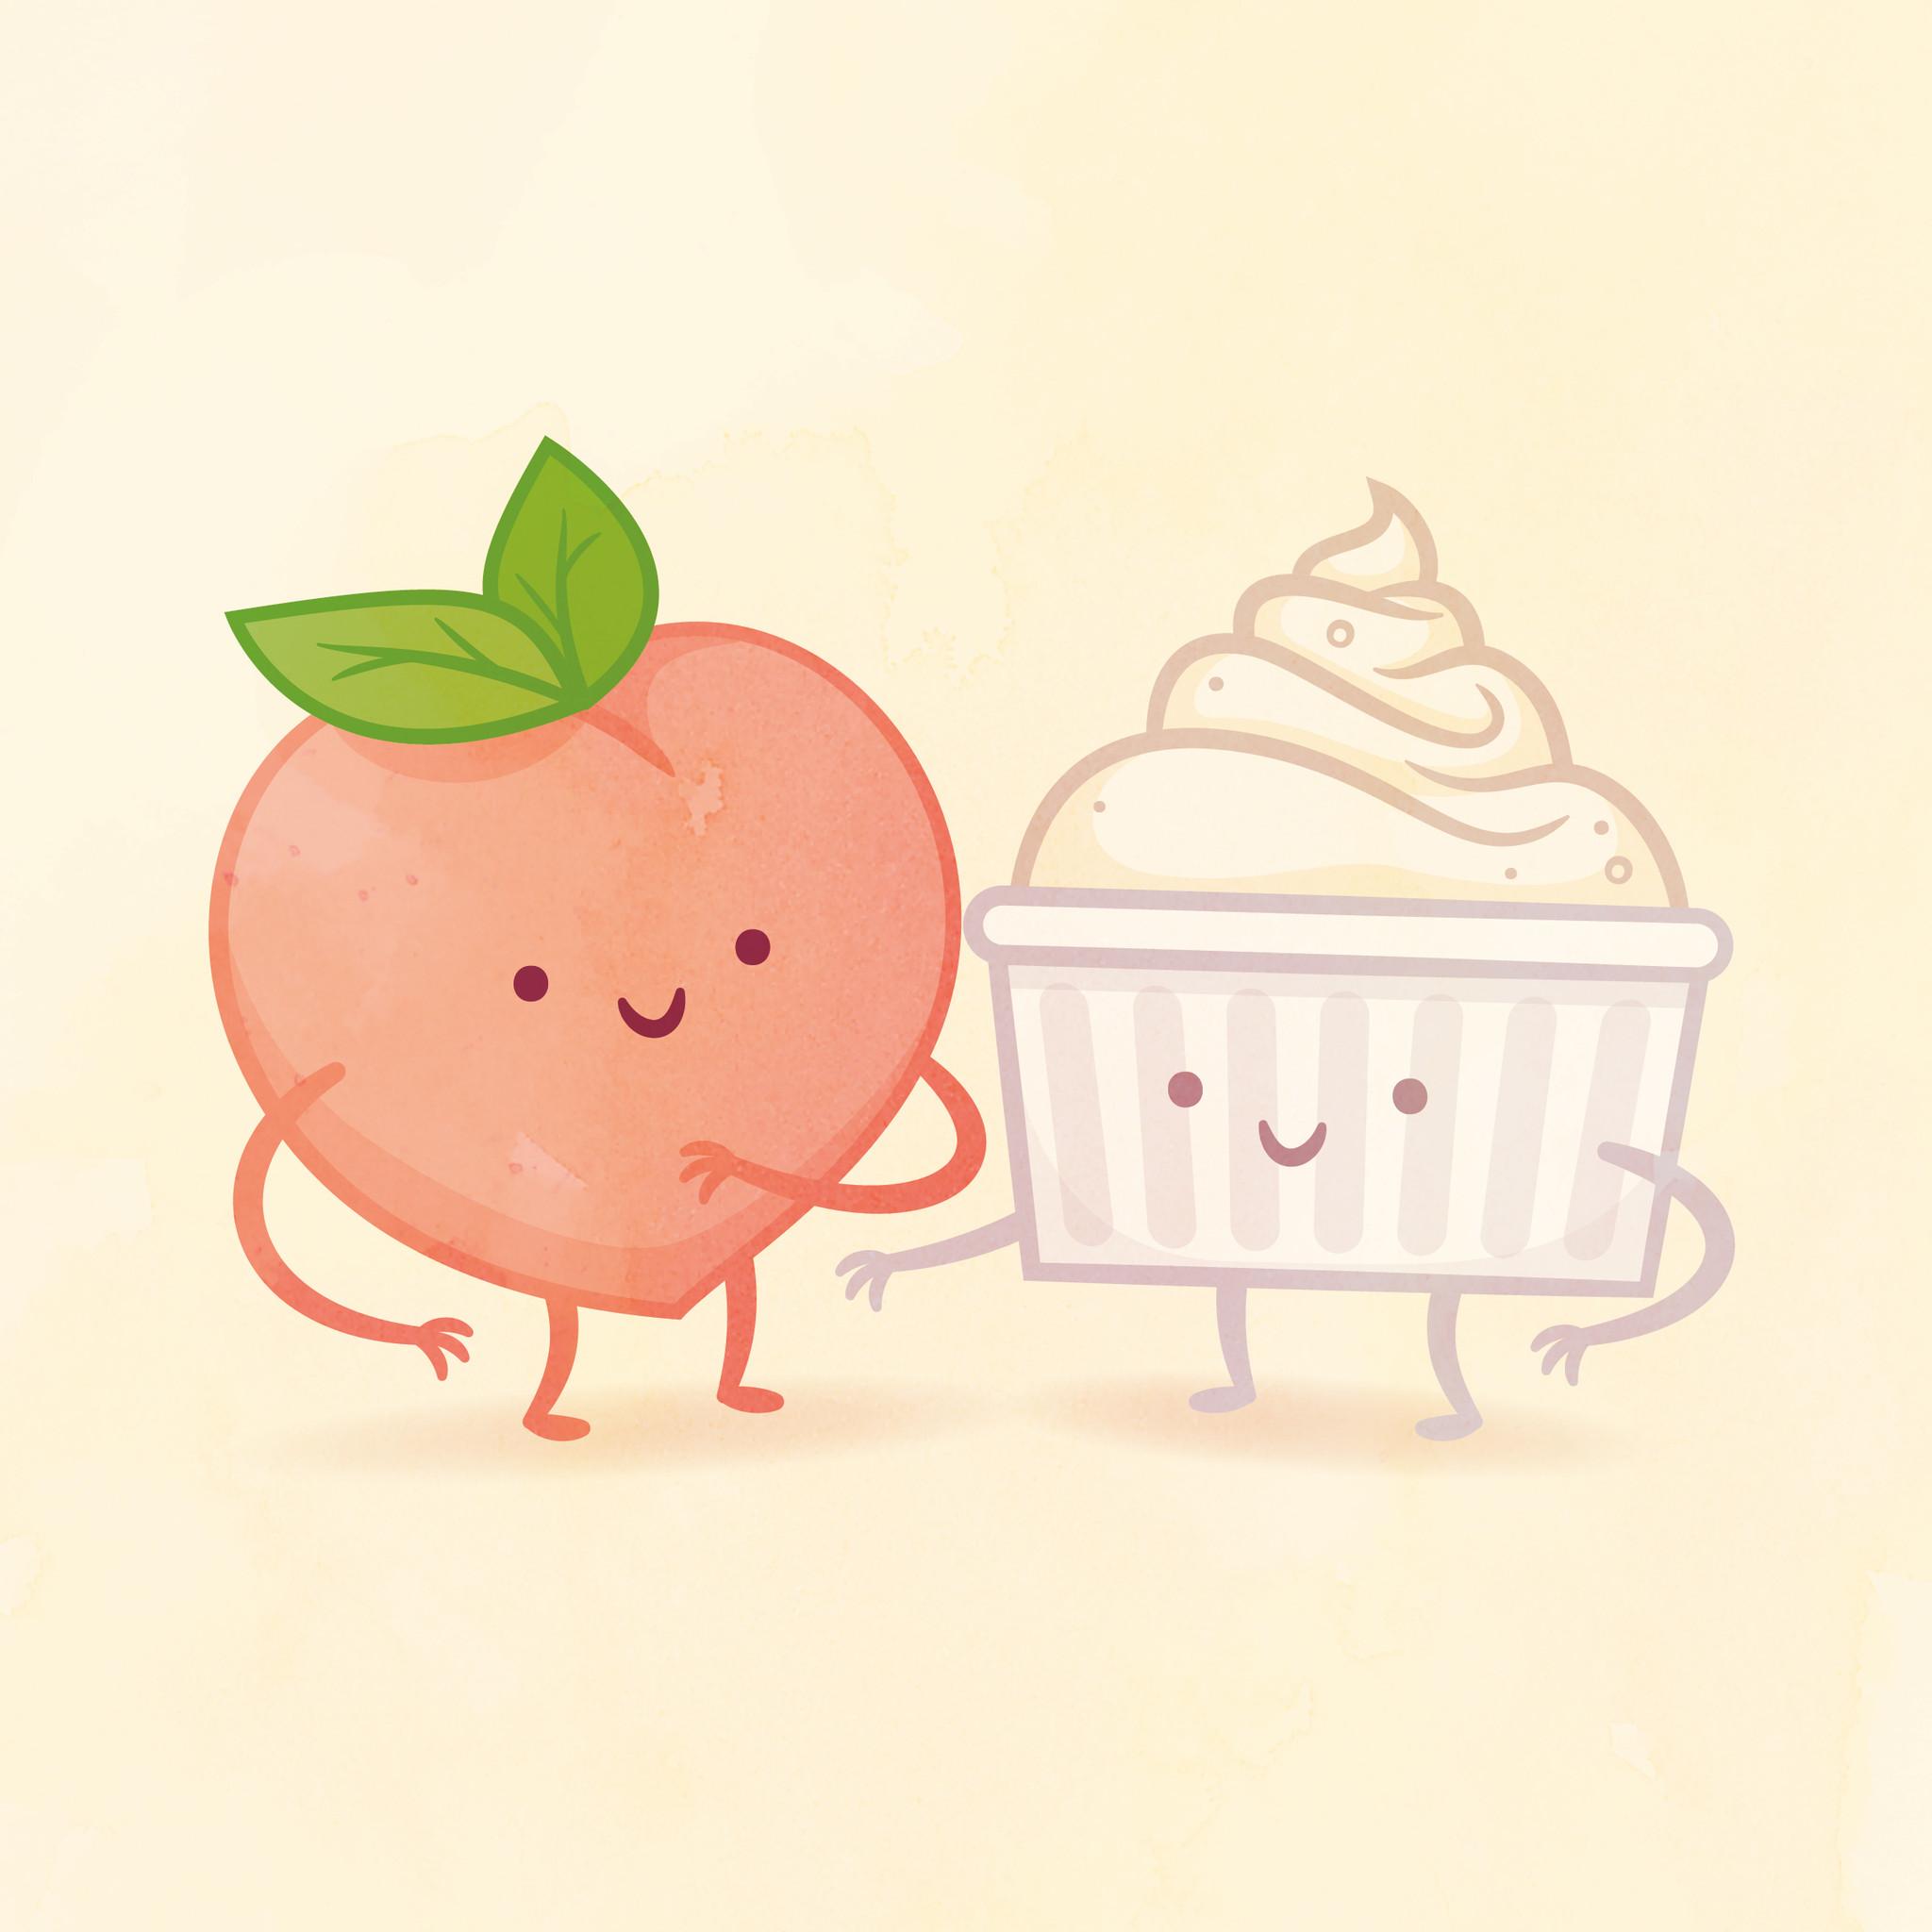 peach and cream x philip tseng // taste buds series.